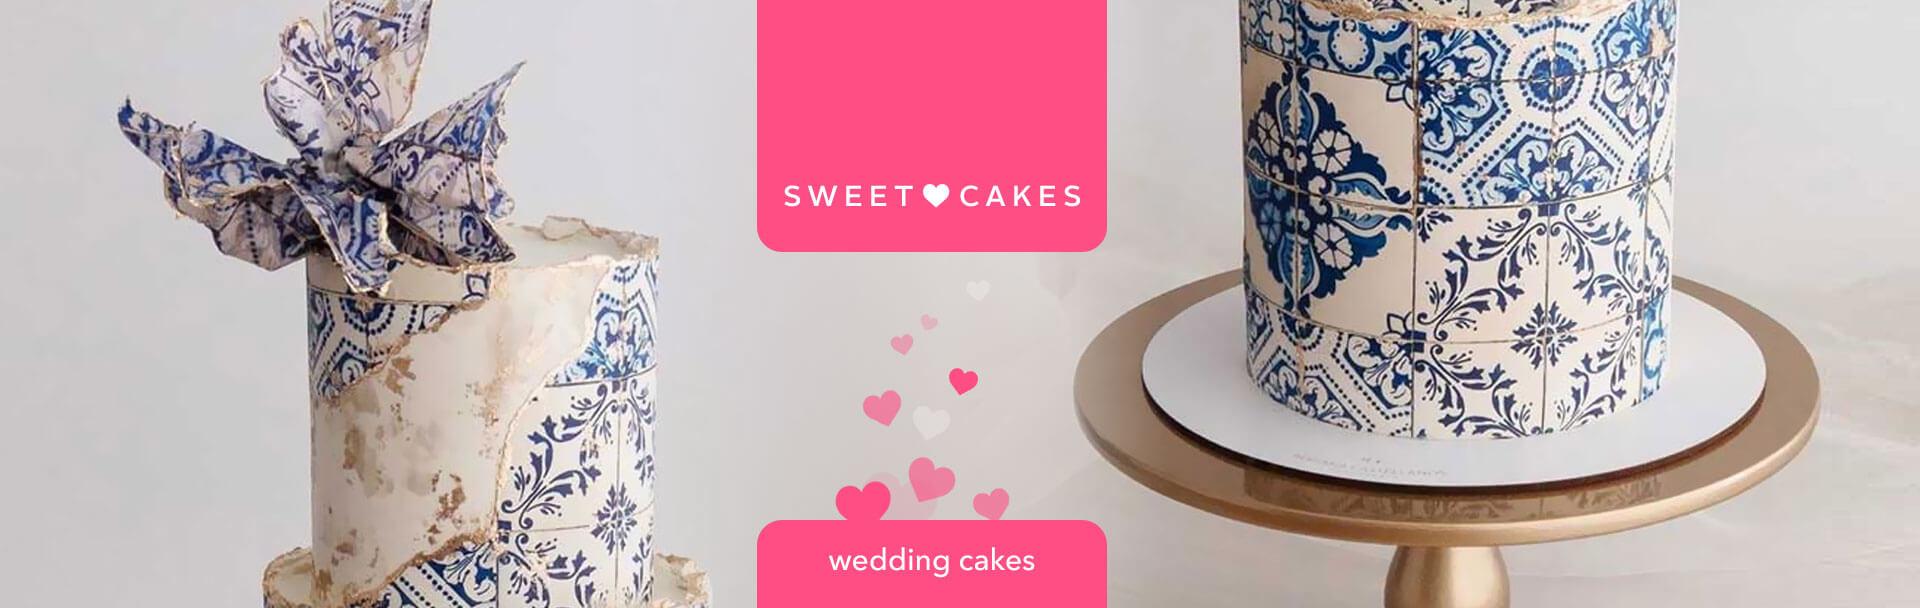 """Лендинг для кондитерской мастерской """"SweetCakes"""""""